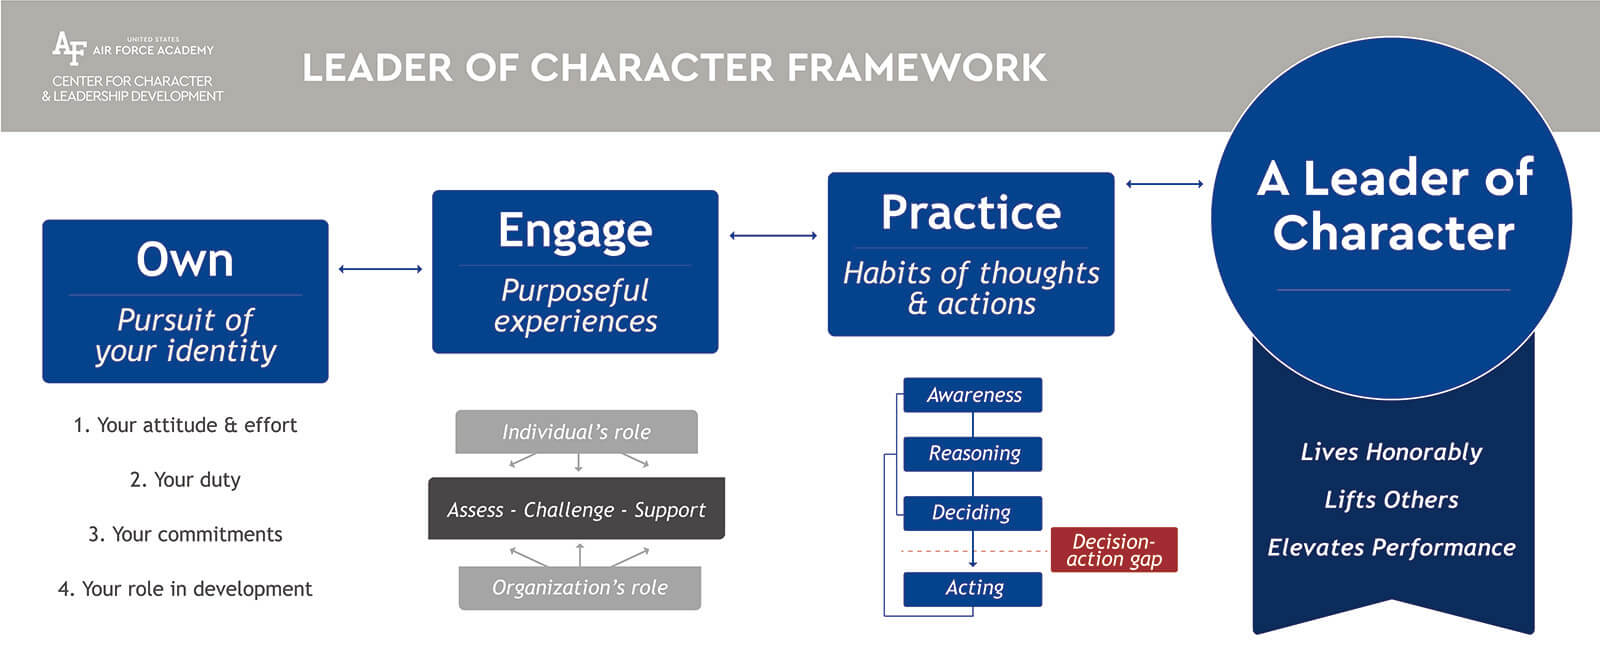 Leader of Character Framework description